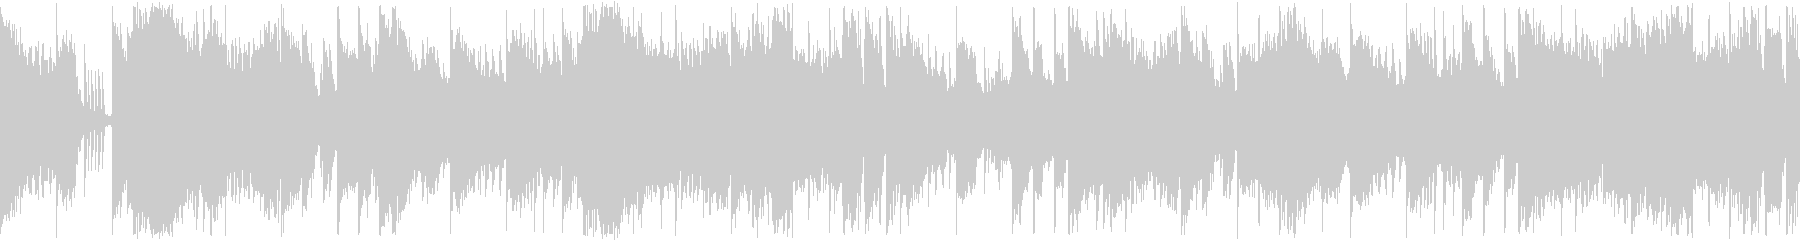 【ループ再生】スタイリッシュなEDMの未再生の波形